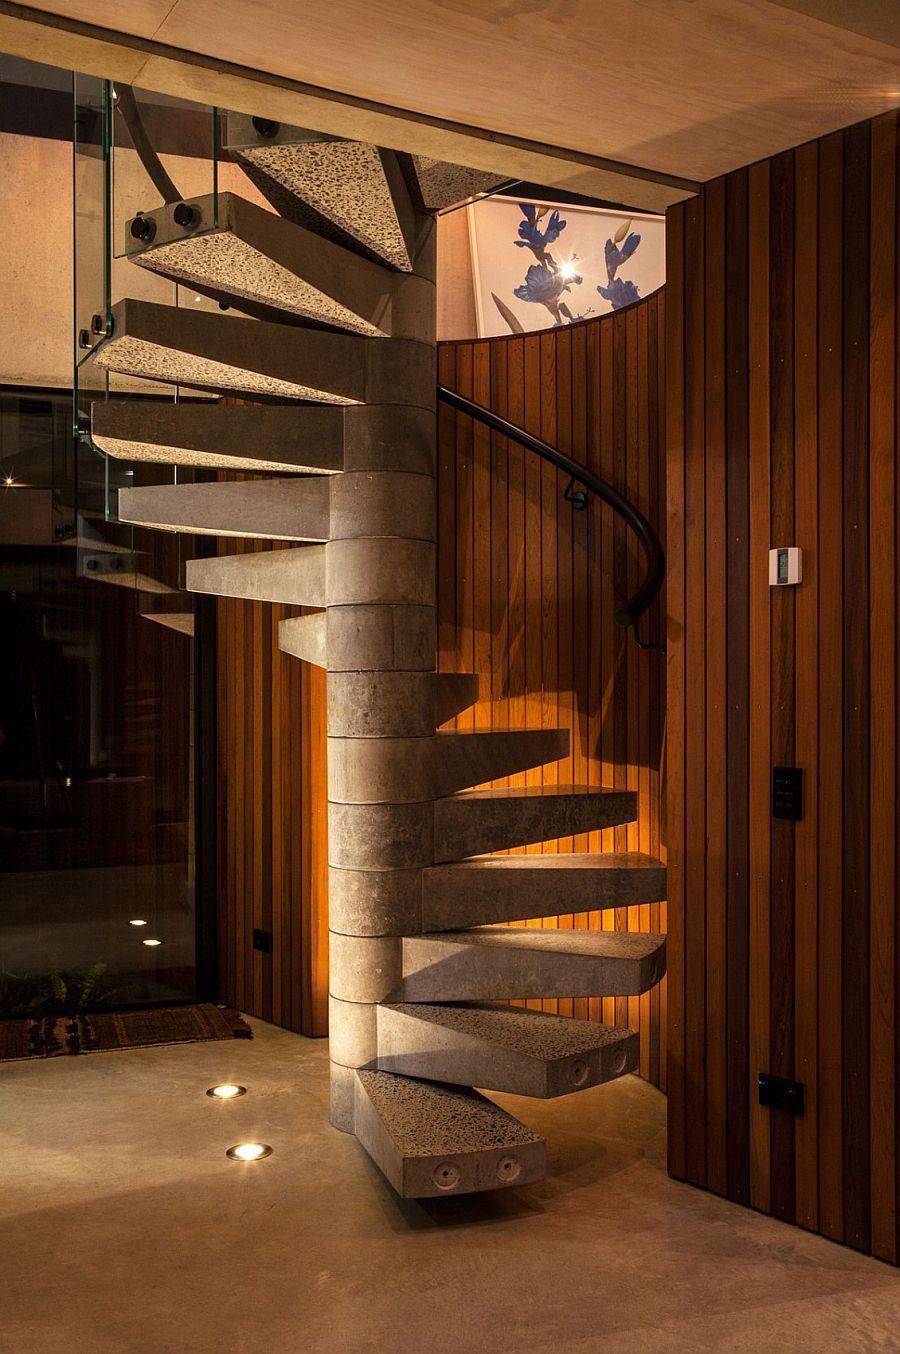 119 Ngôi nhà phong cách công nghiệp với kính, thép là vật liệu chính qpdesign